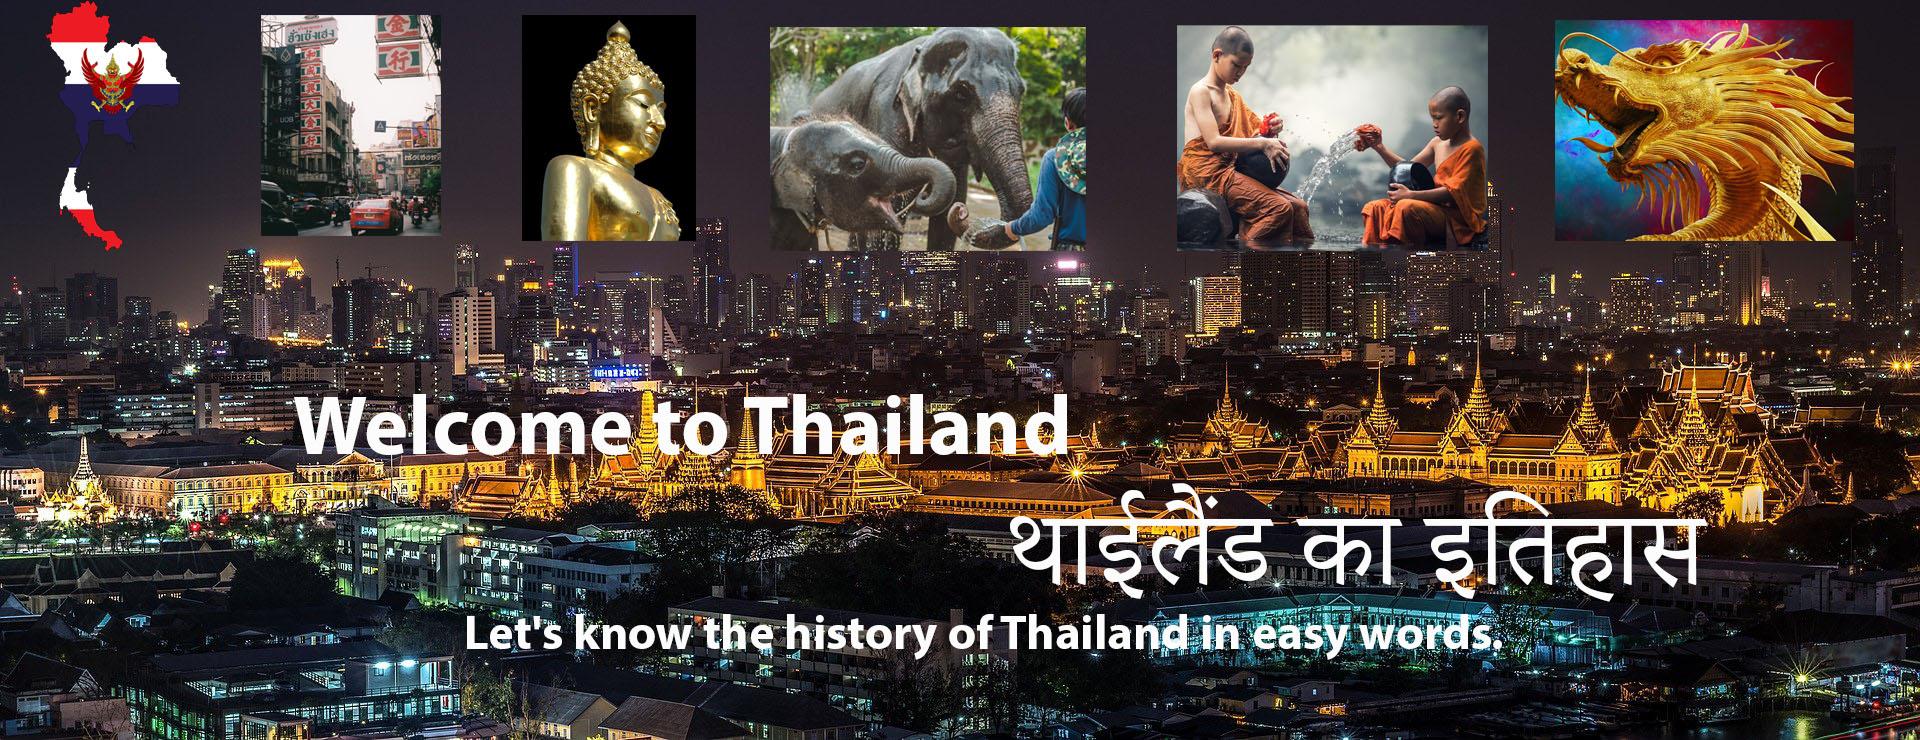 थाईलैंड का इतिहास तथा कुछ महत्वपूर्ण तथ्य